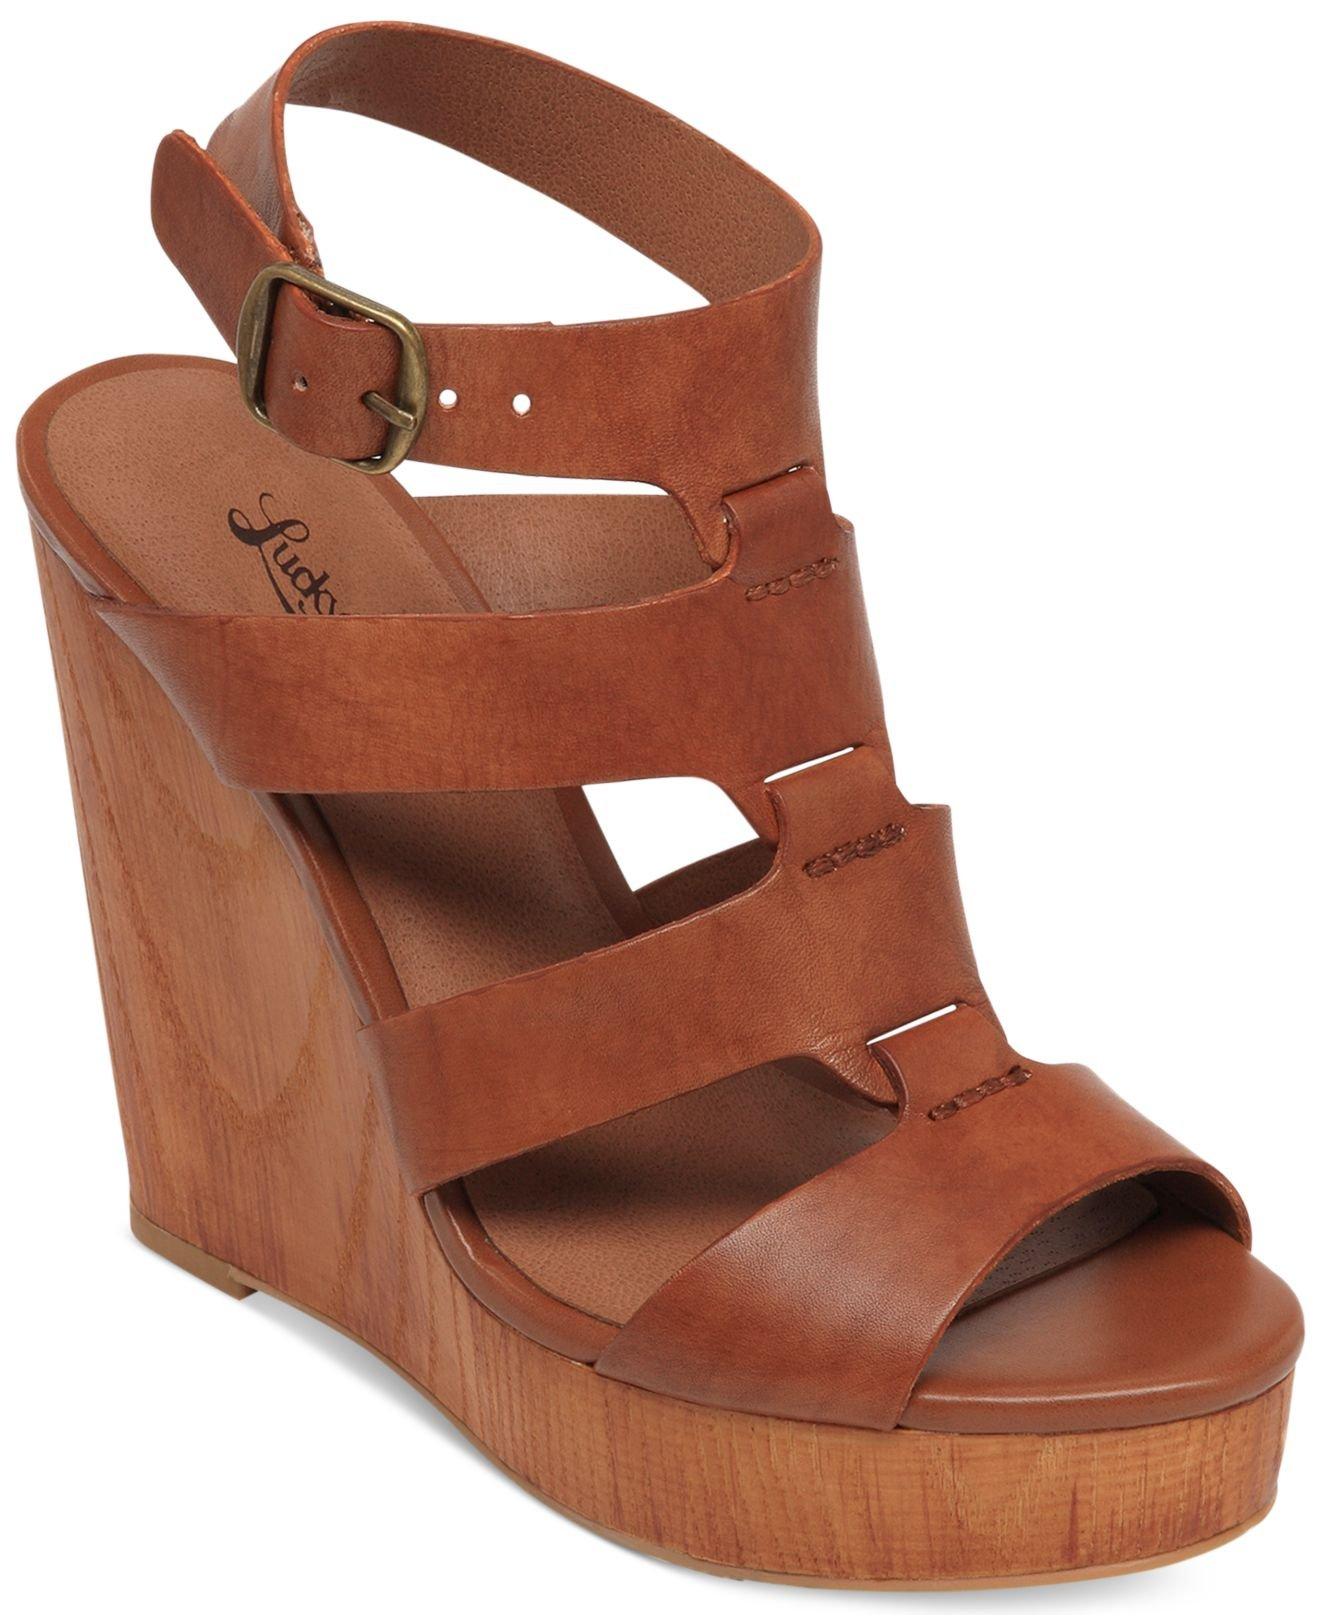 Roselyn Platform Wedge Sandals